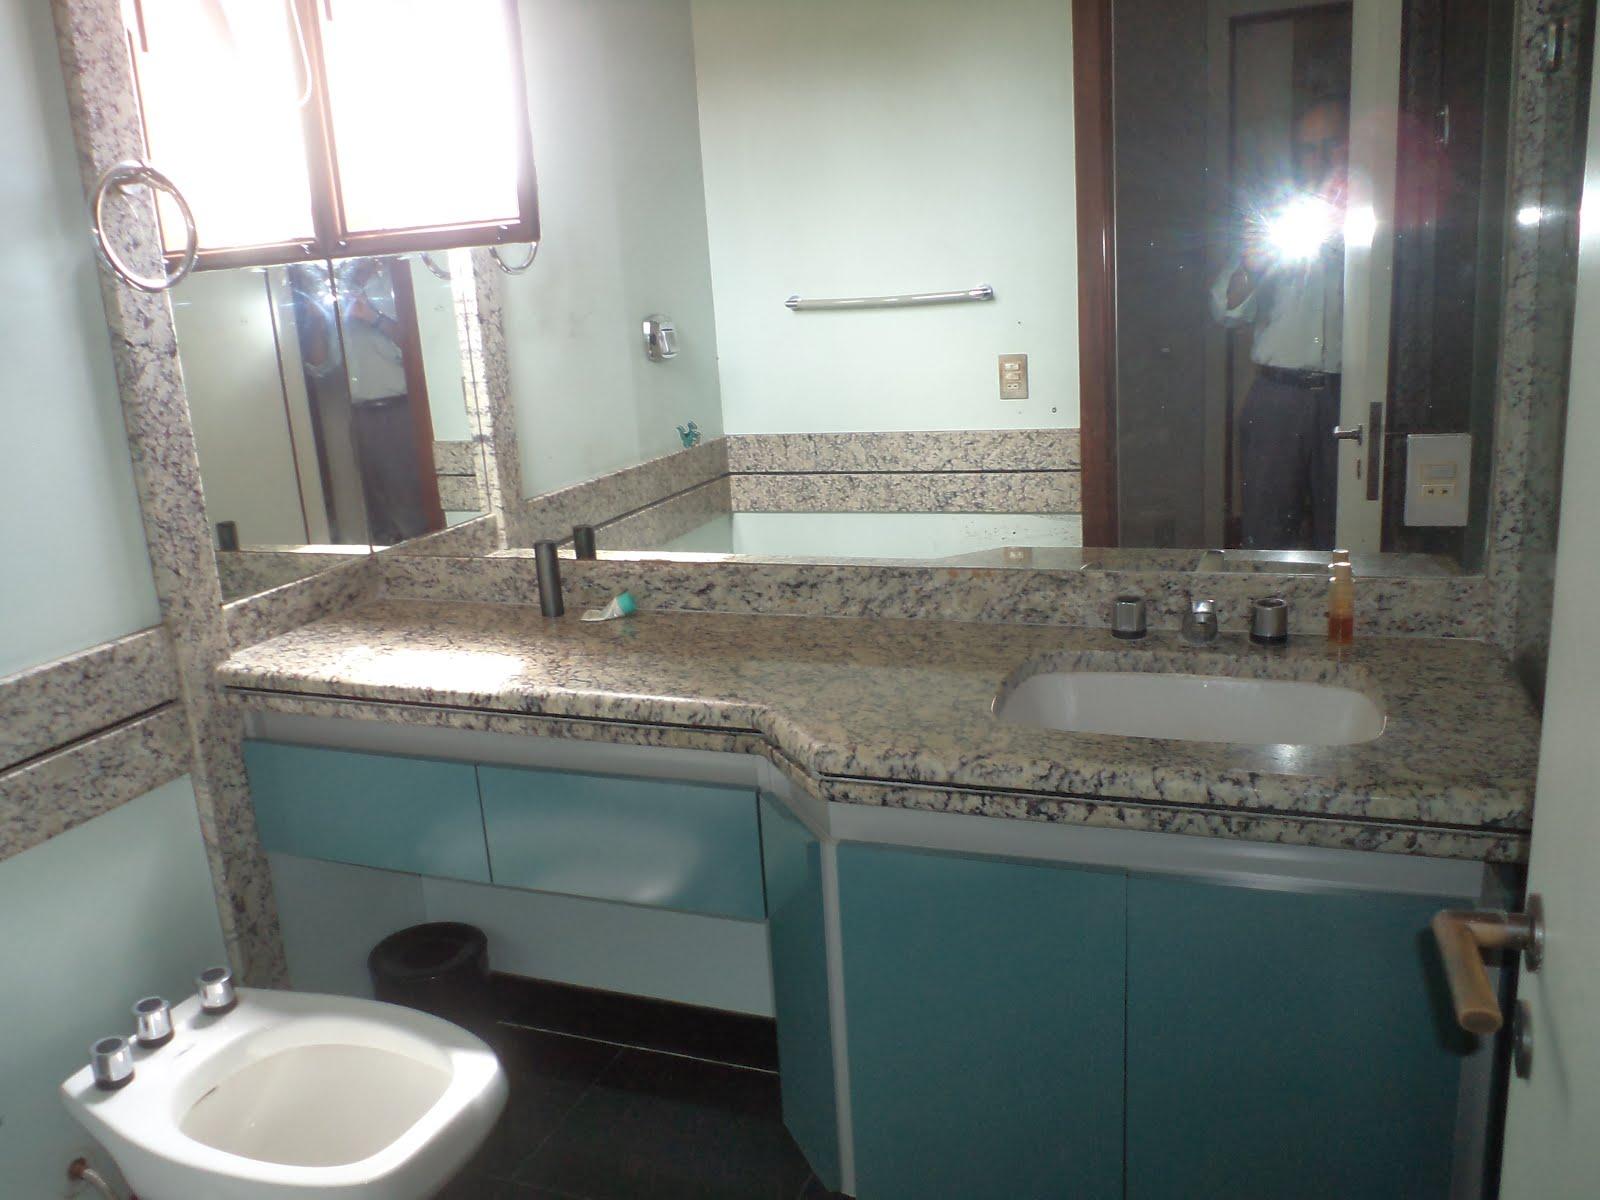 cadeiras amplos armários planejados banheiros com bancada em granito #495F60 1600x1200 Banheiro Com Bancada